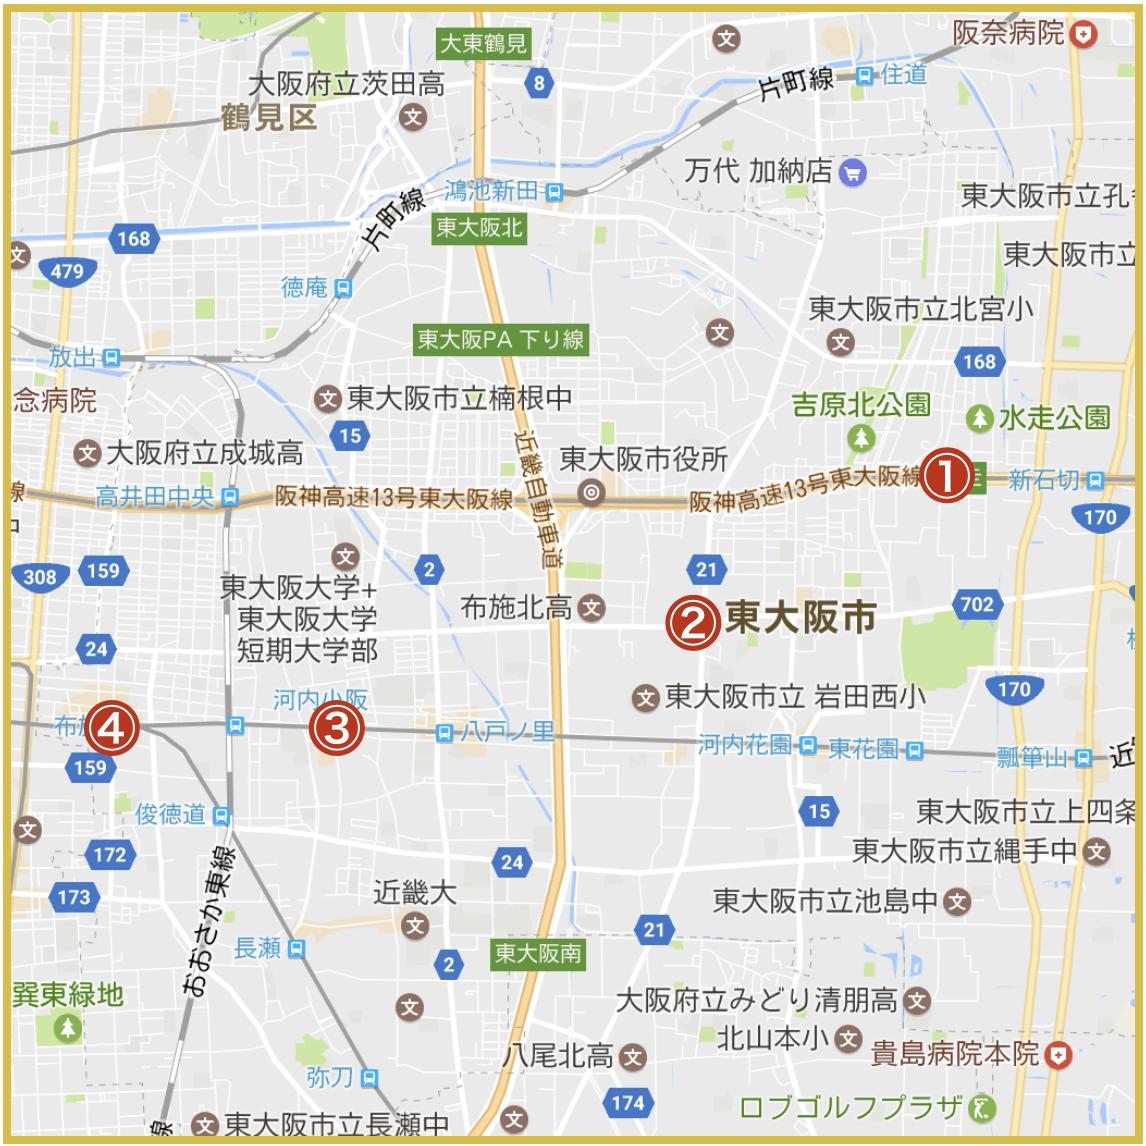 東大阪市にあるアイフル店舗・ATMの位置